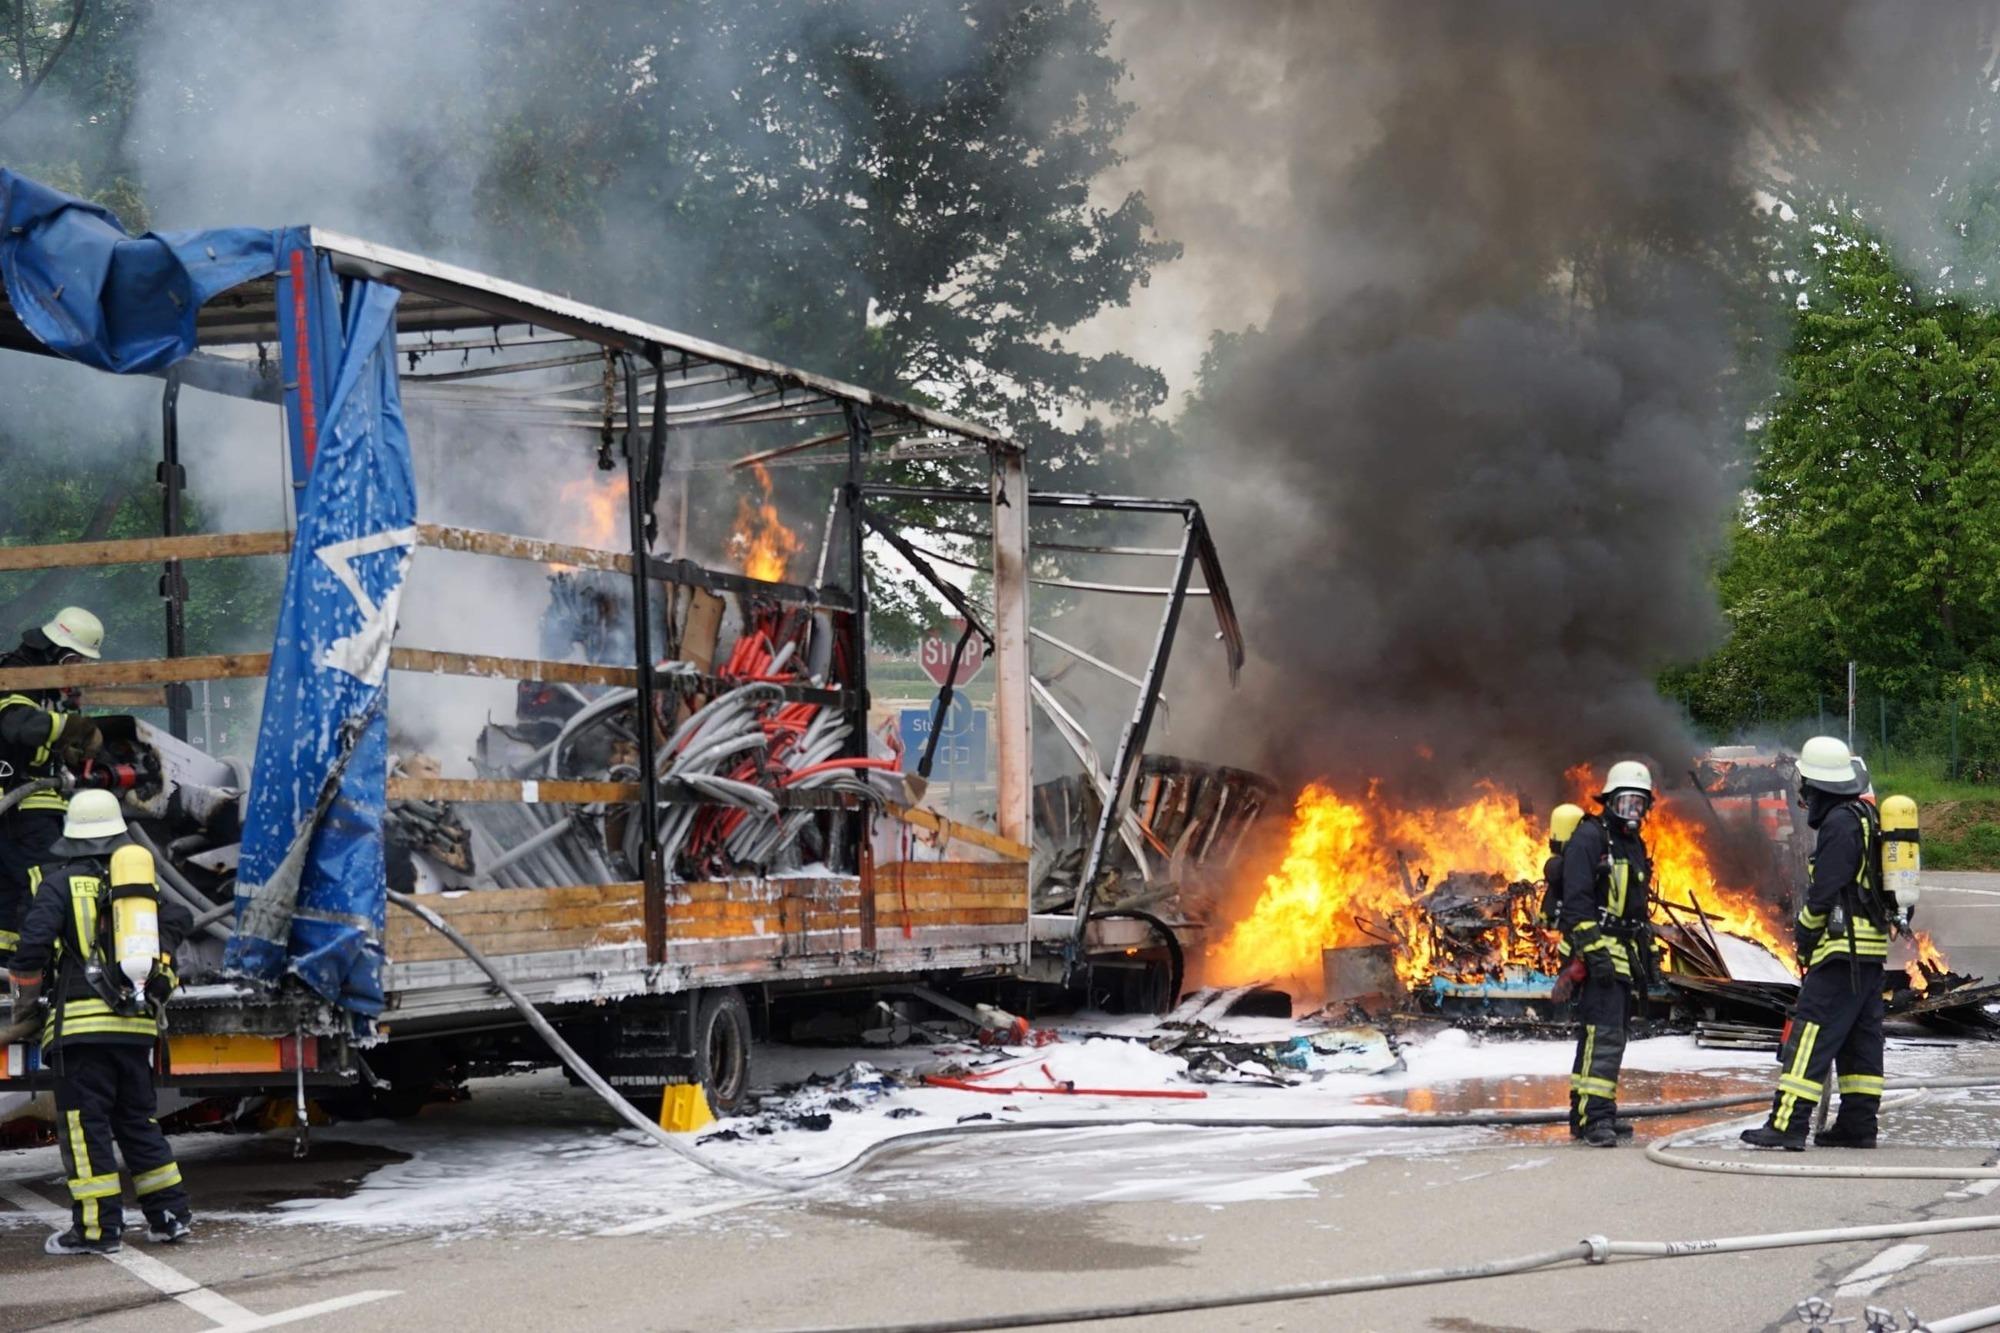 Wohnmobil von Fernsehstar geht in Flammen auf - Startseite - Teckbote